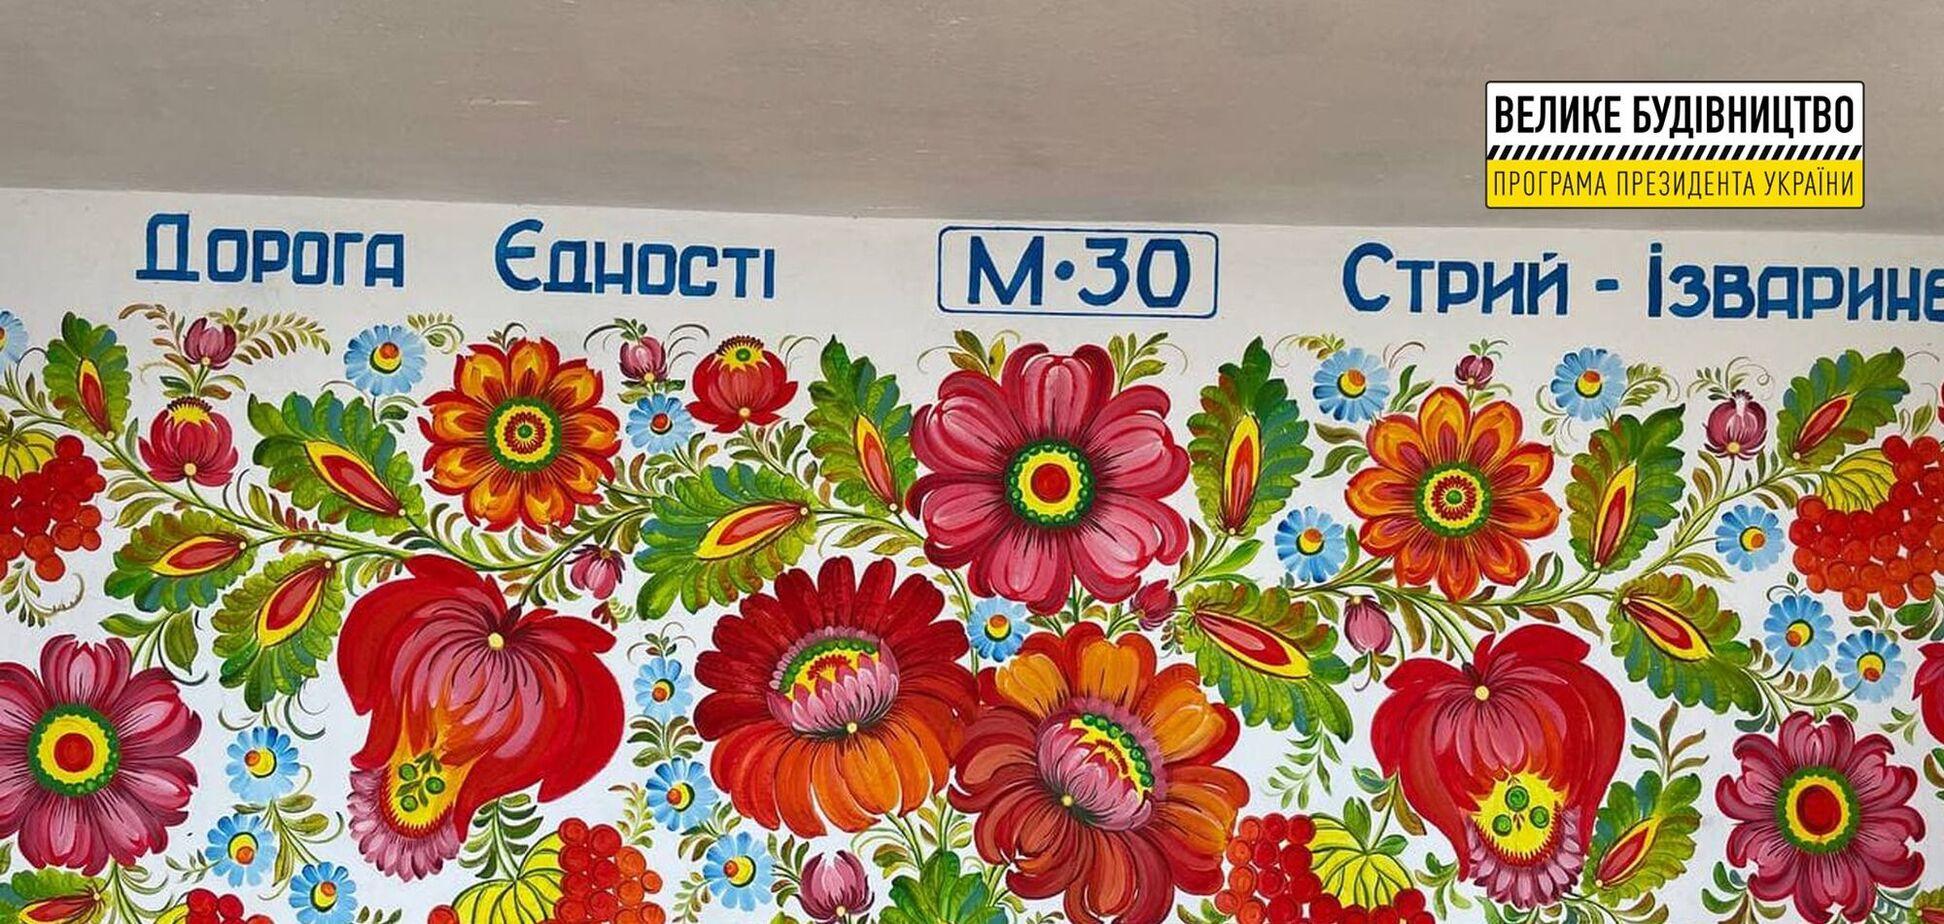 'Большая стройка': остановки на Дороге единства на Днепропетровщине украшают Петриковской росписью